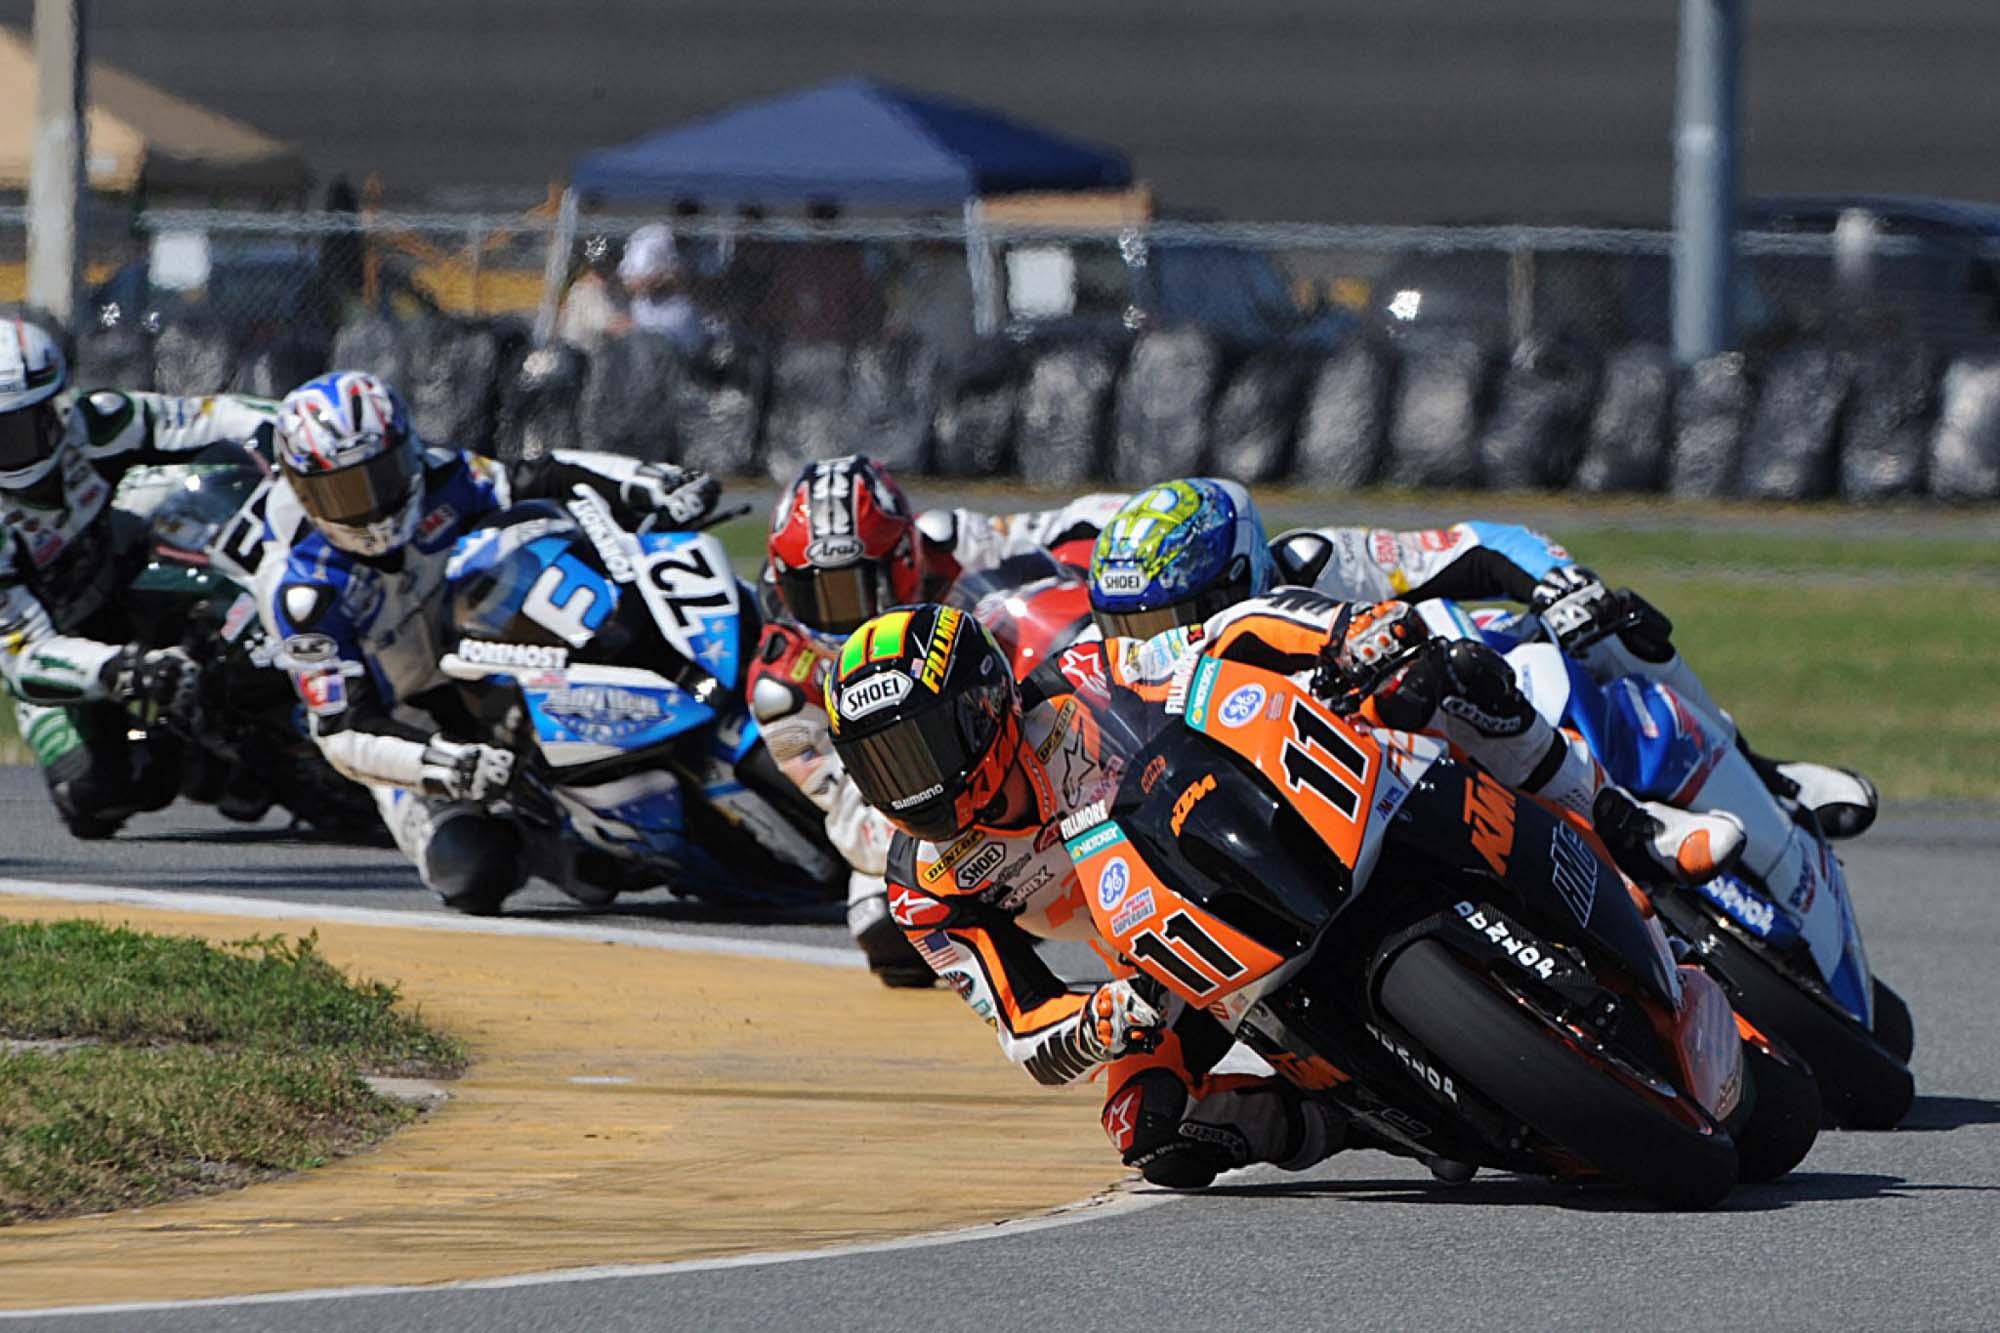 Have You Met the KTM AMA Superbike Racing Team? - Asphalt ...